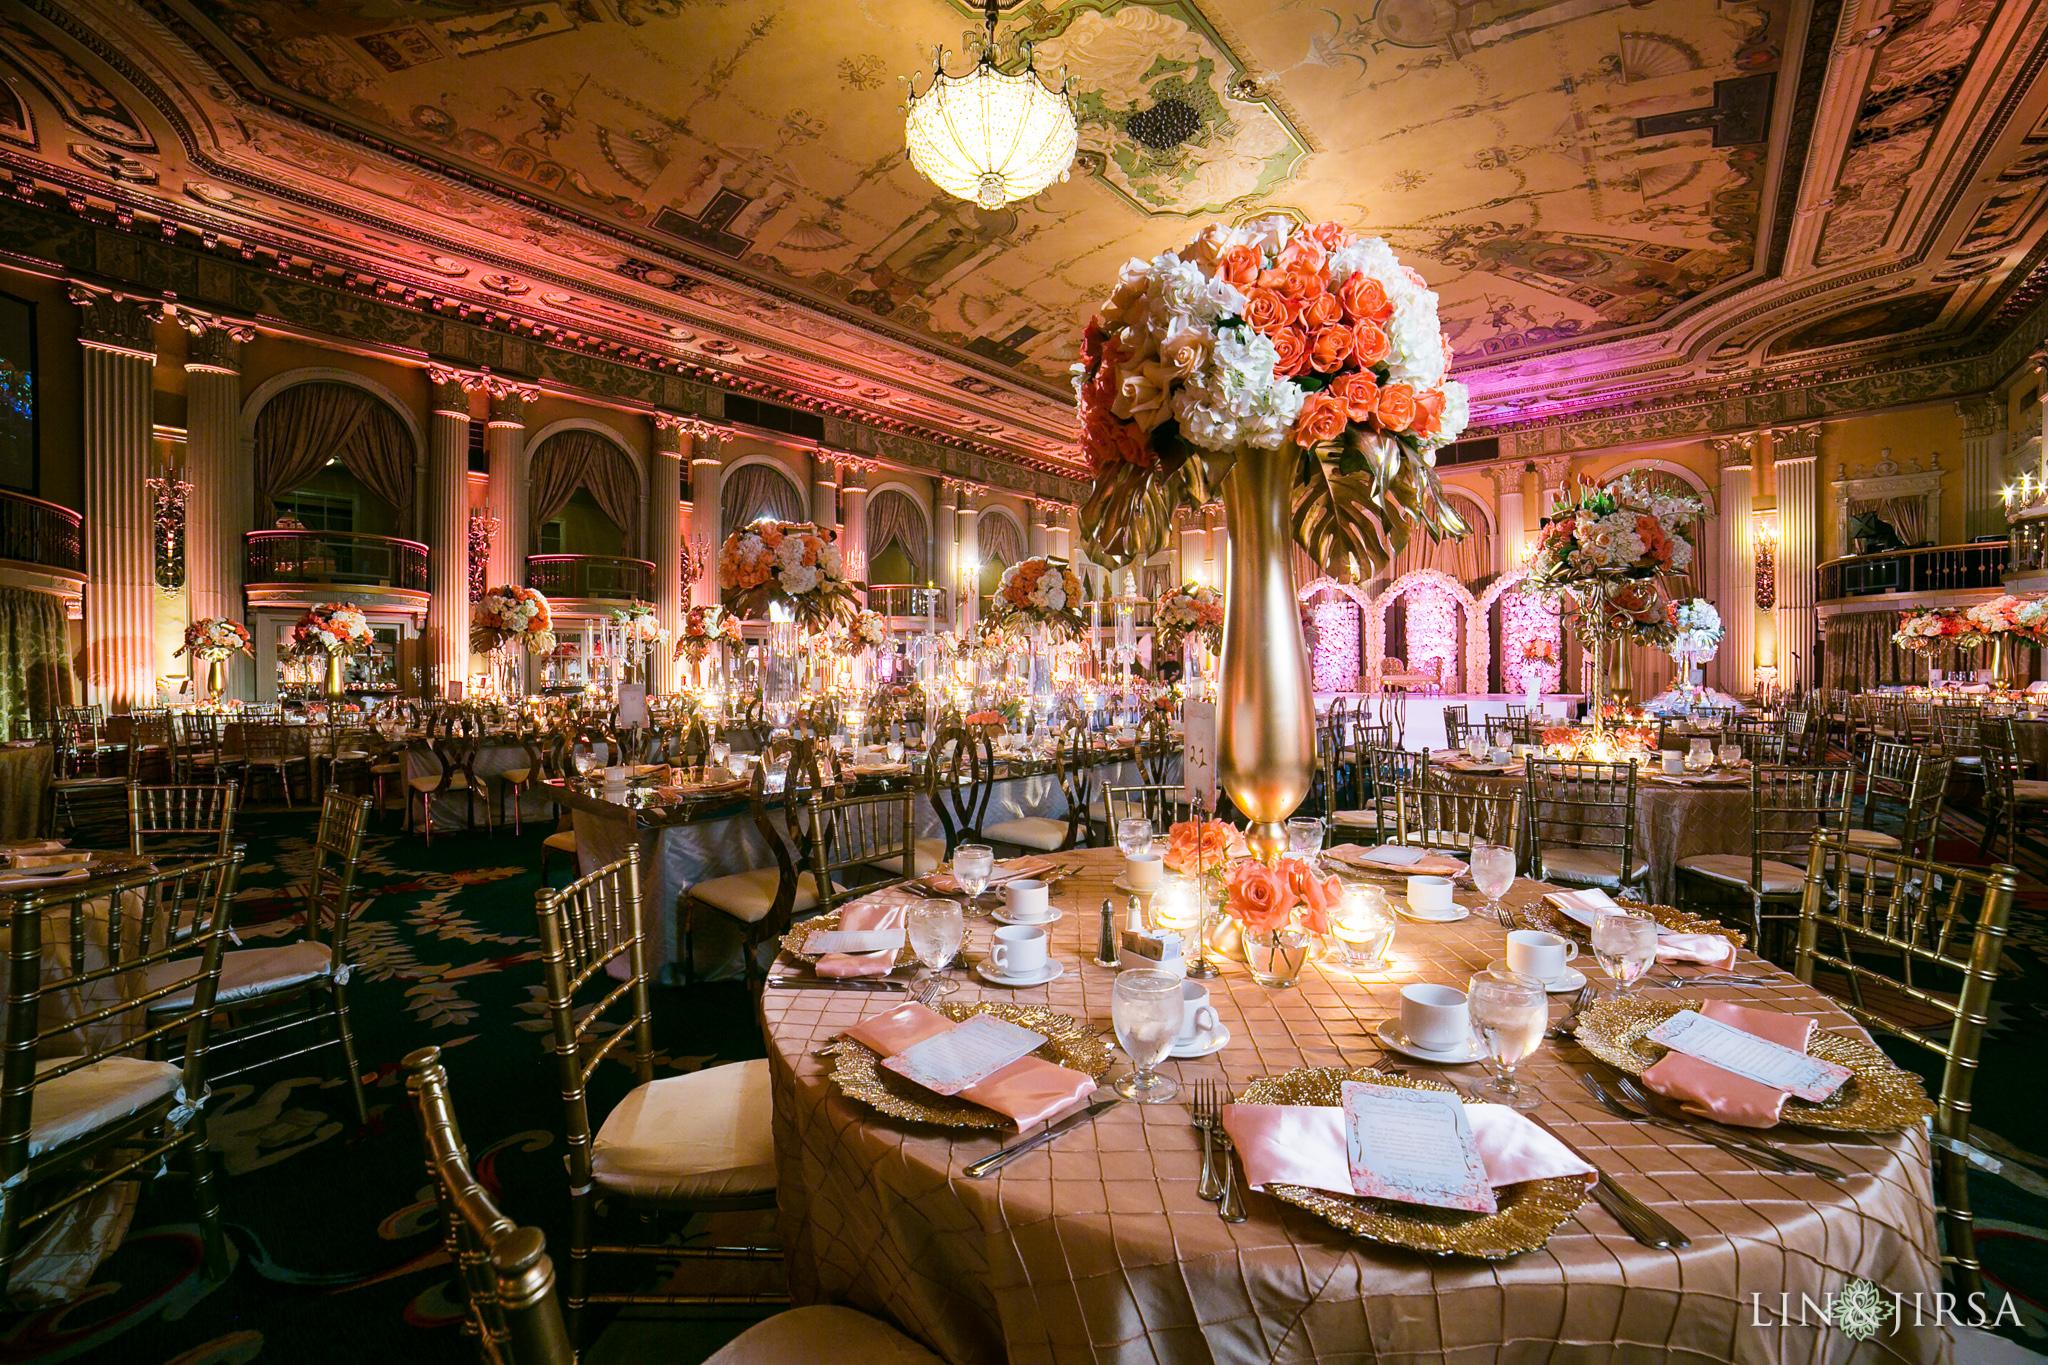 15-biltmore-hotel-los-angeles-wedding-reception-photography